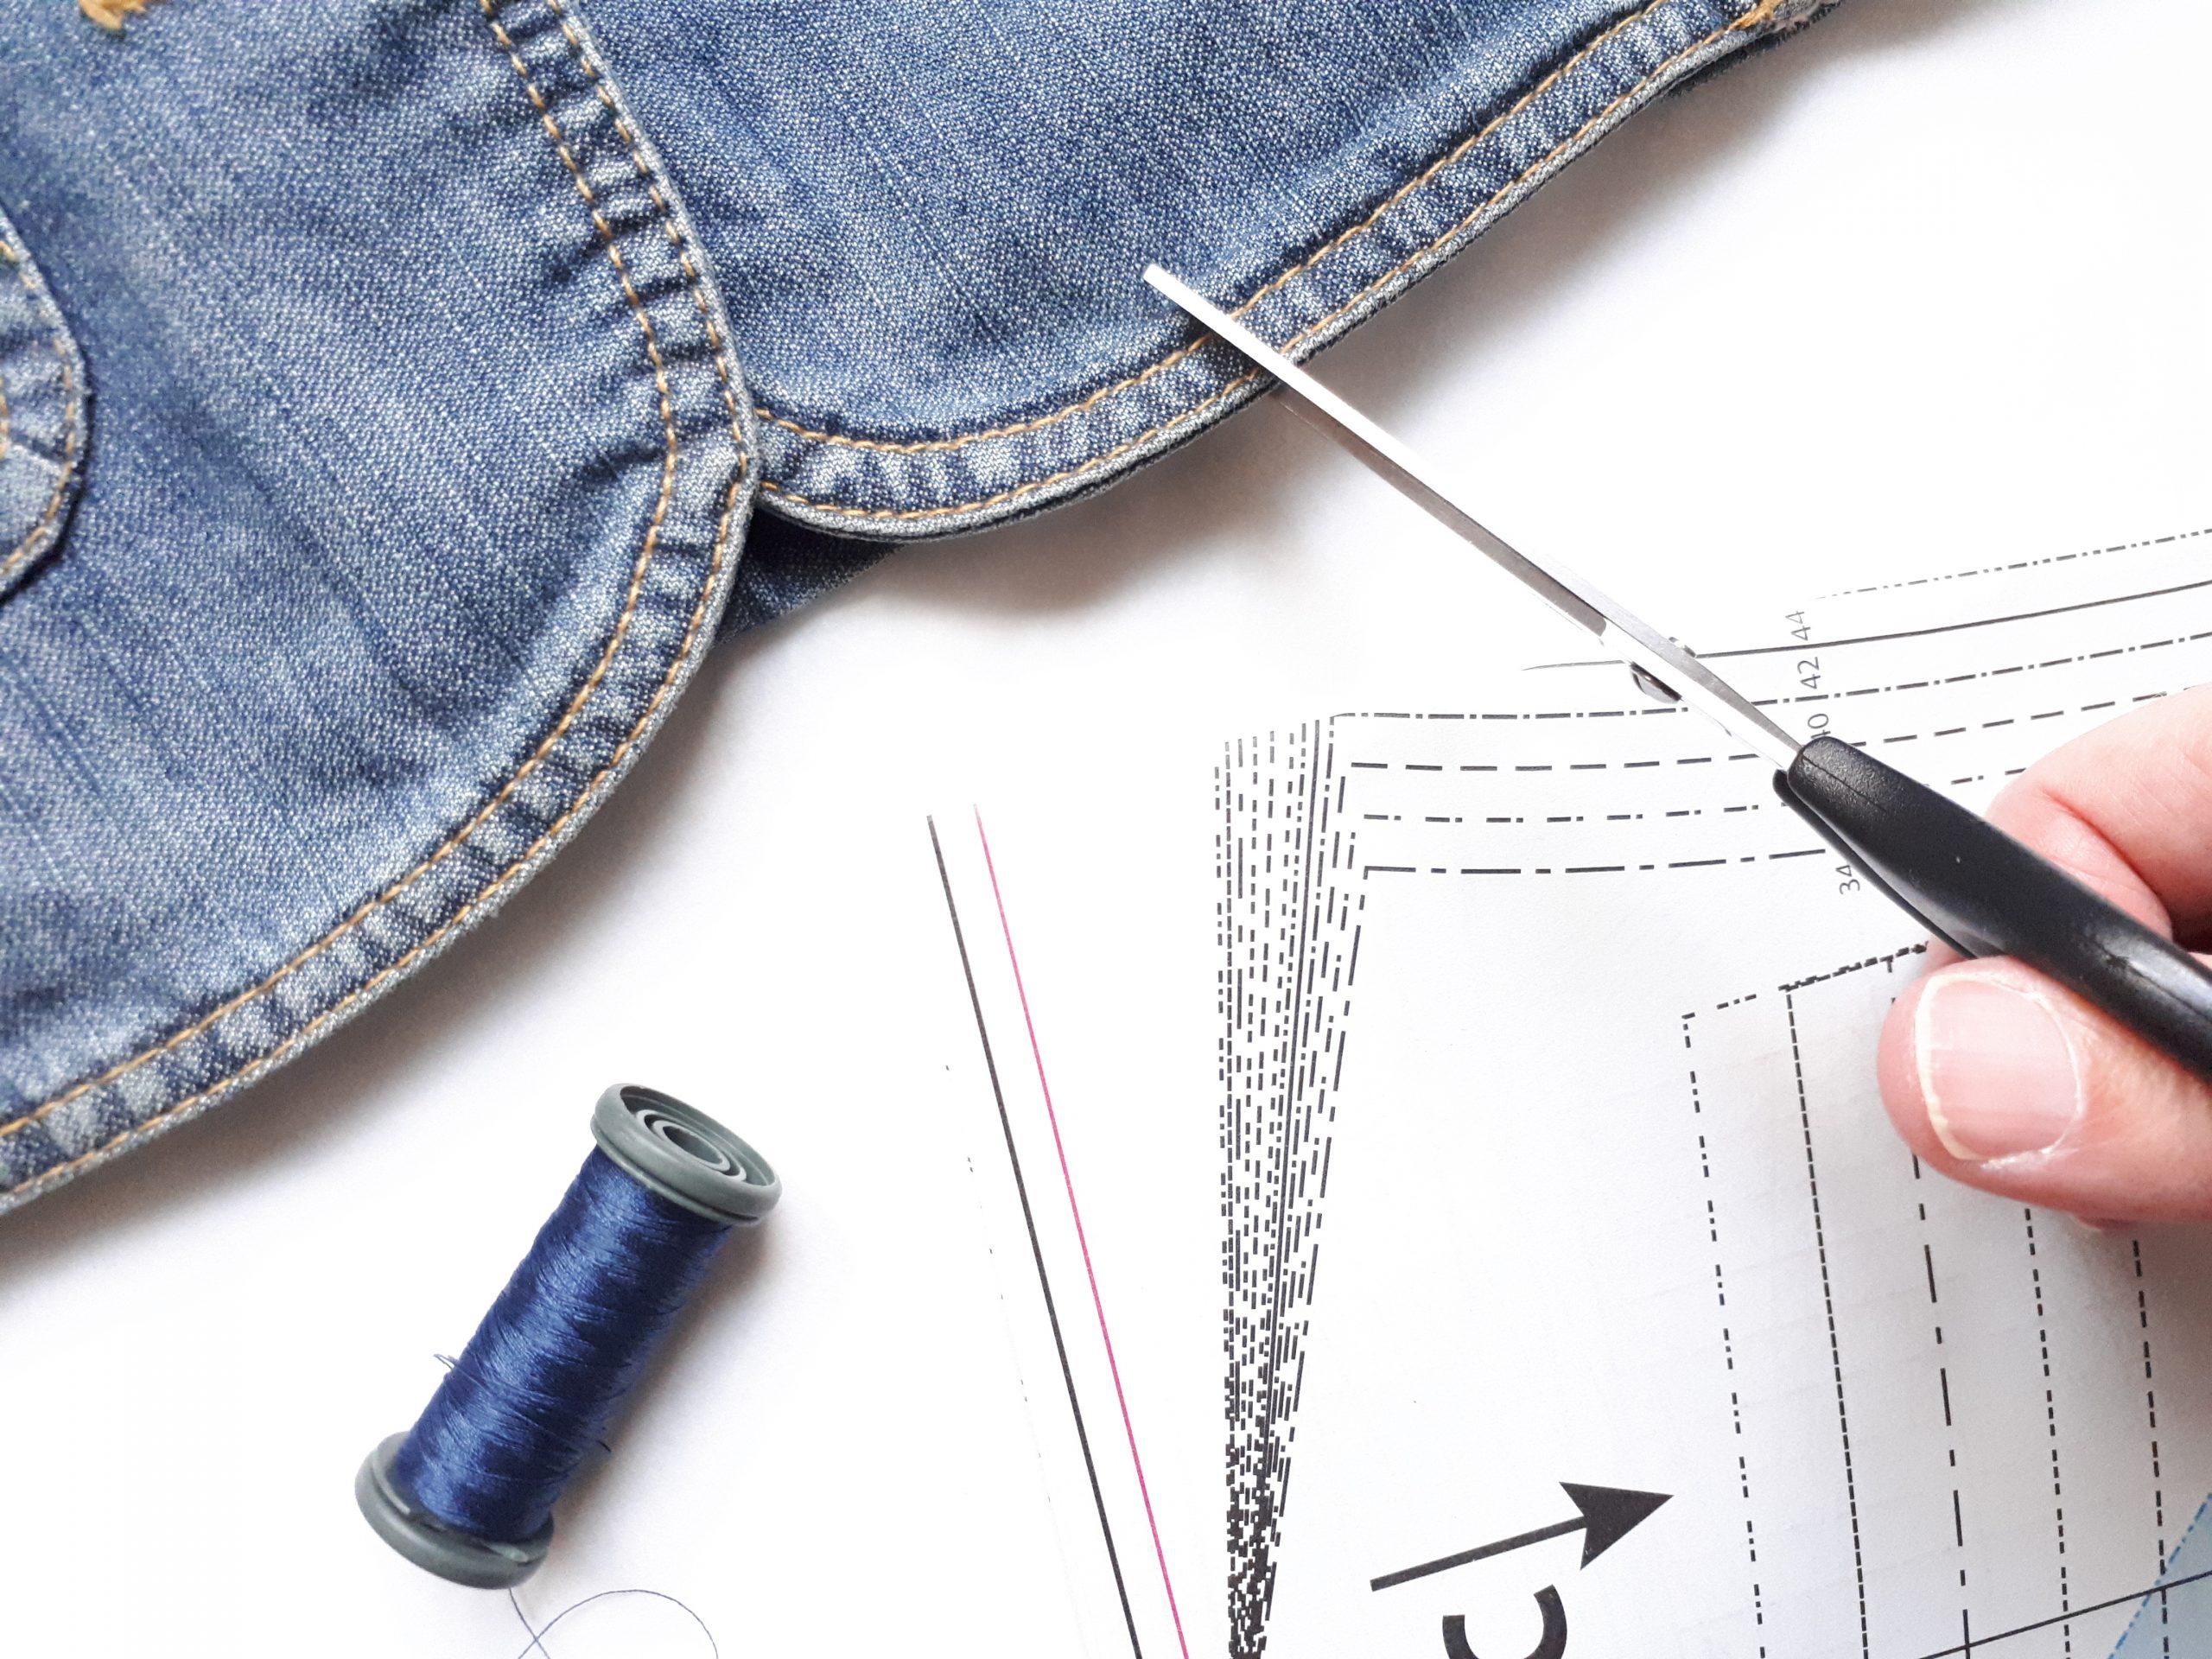 Comment débuter la couture upcycling ?